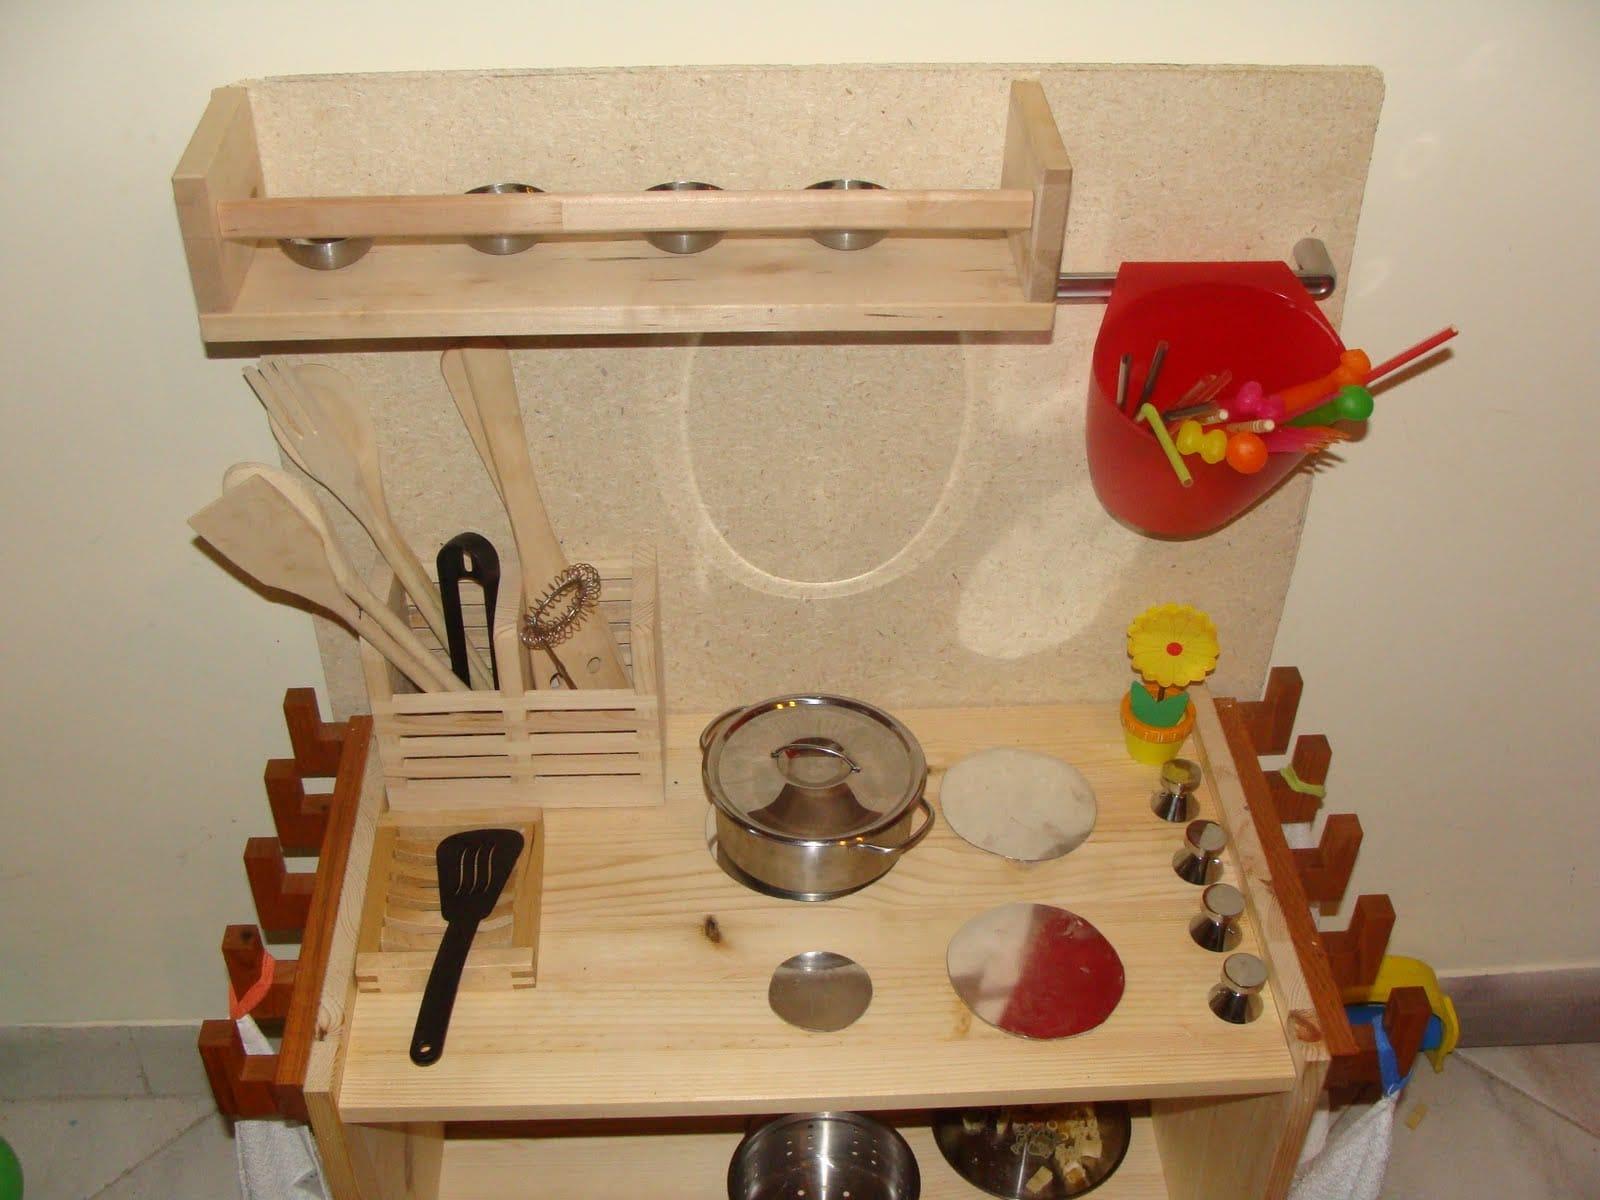 Come costruire una cucina in legno per bambini low cost for Costruire uno scuro in legno